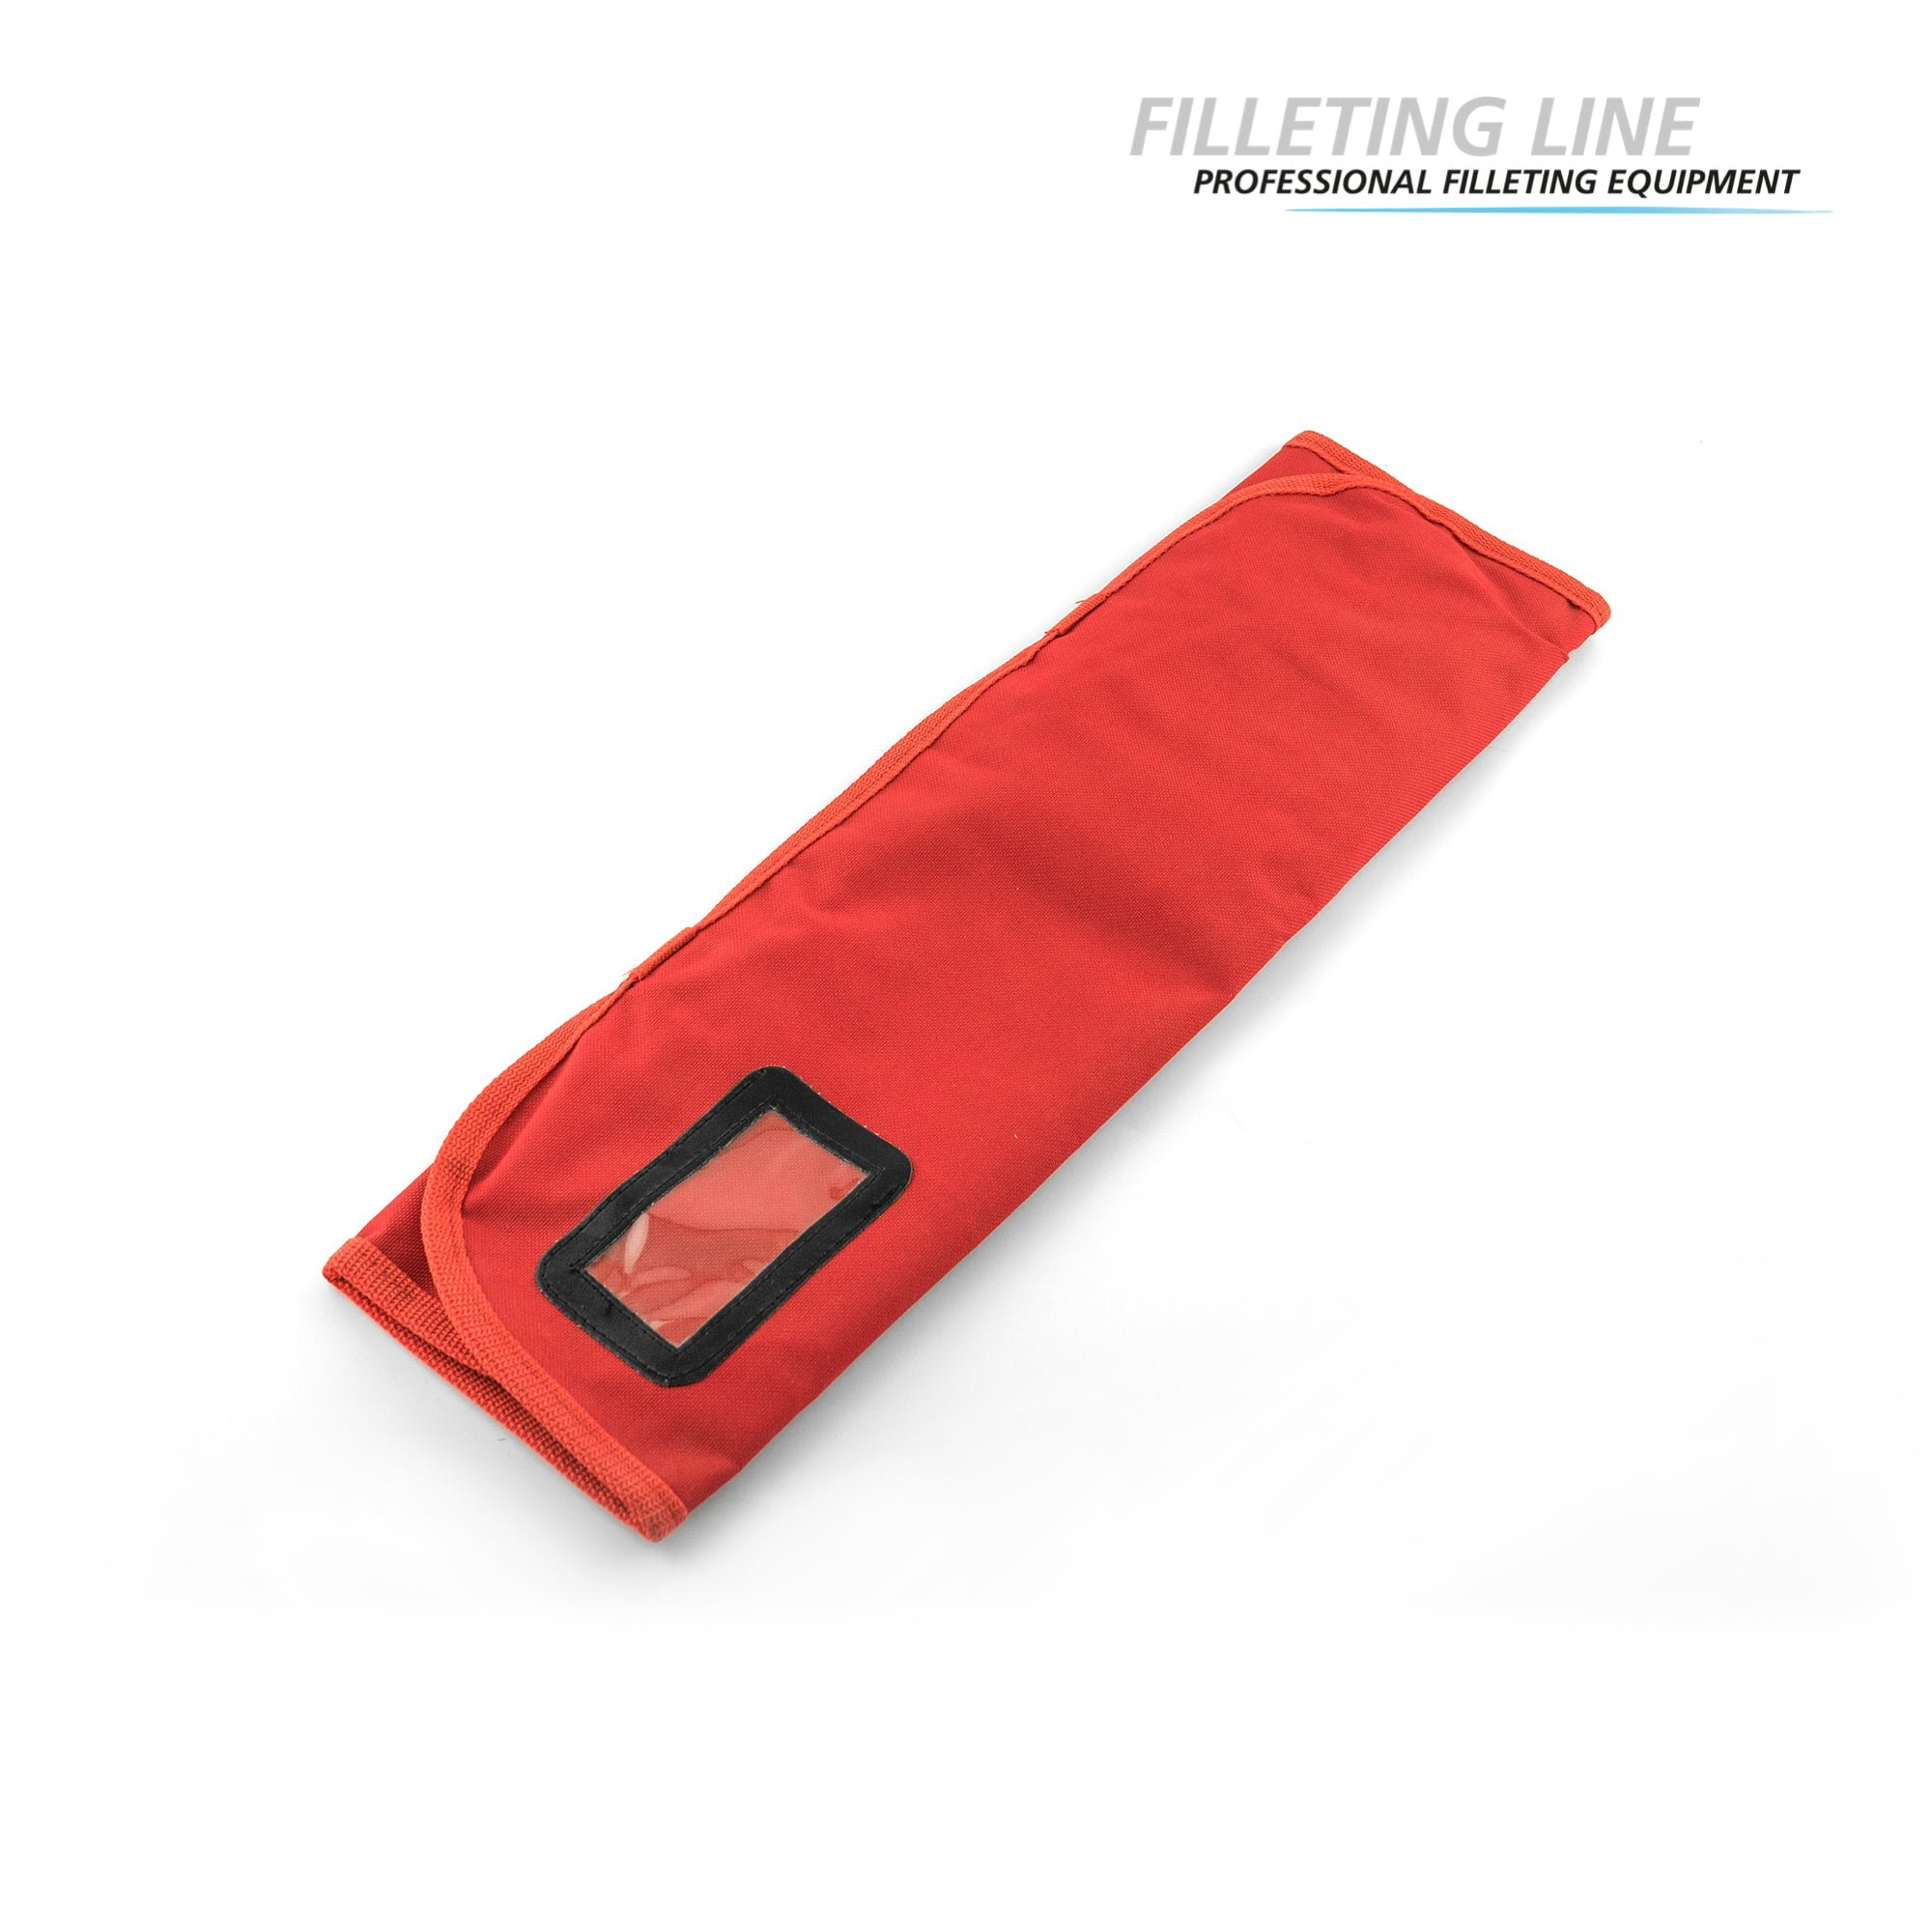 FILLETING LINE_2000x2000_SET_logo-7